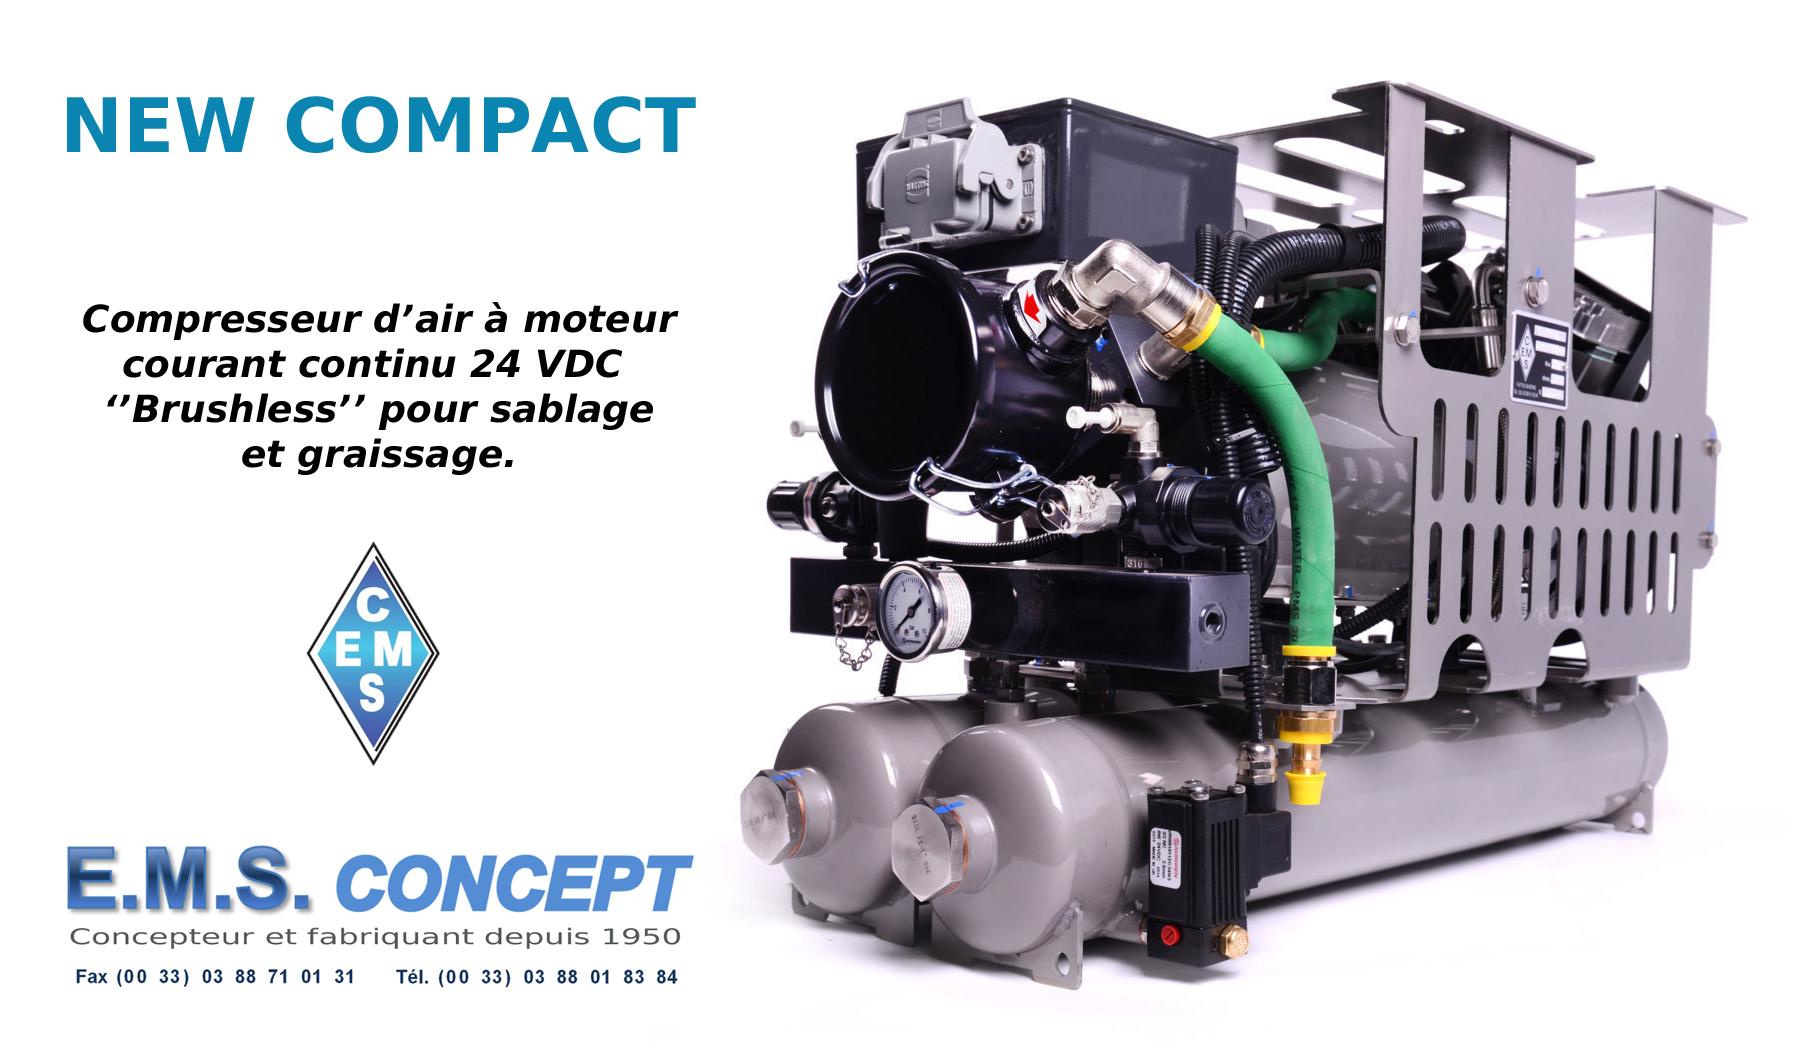 compresseur de graissage et sablage new compact